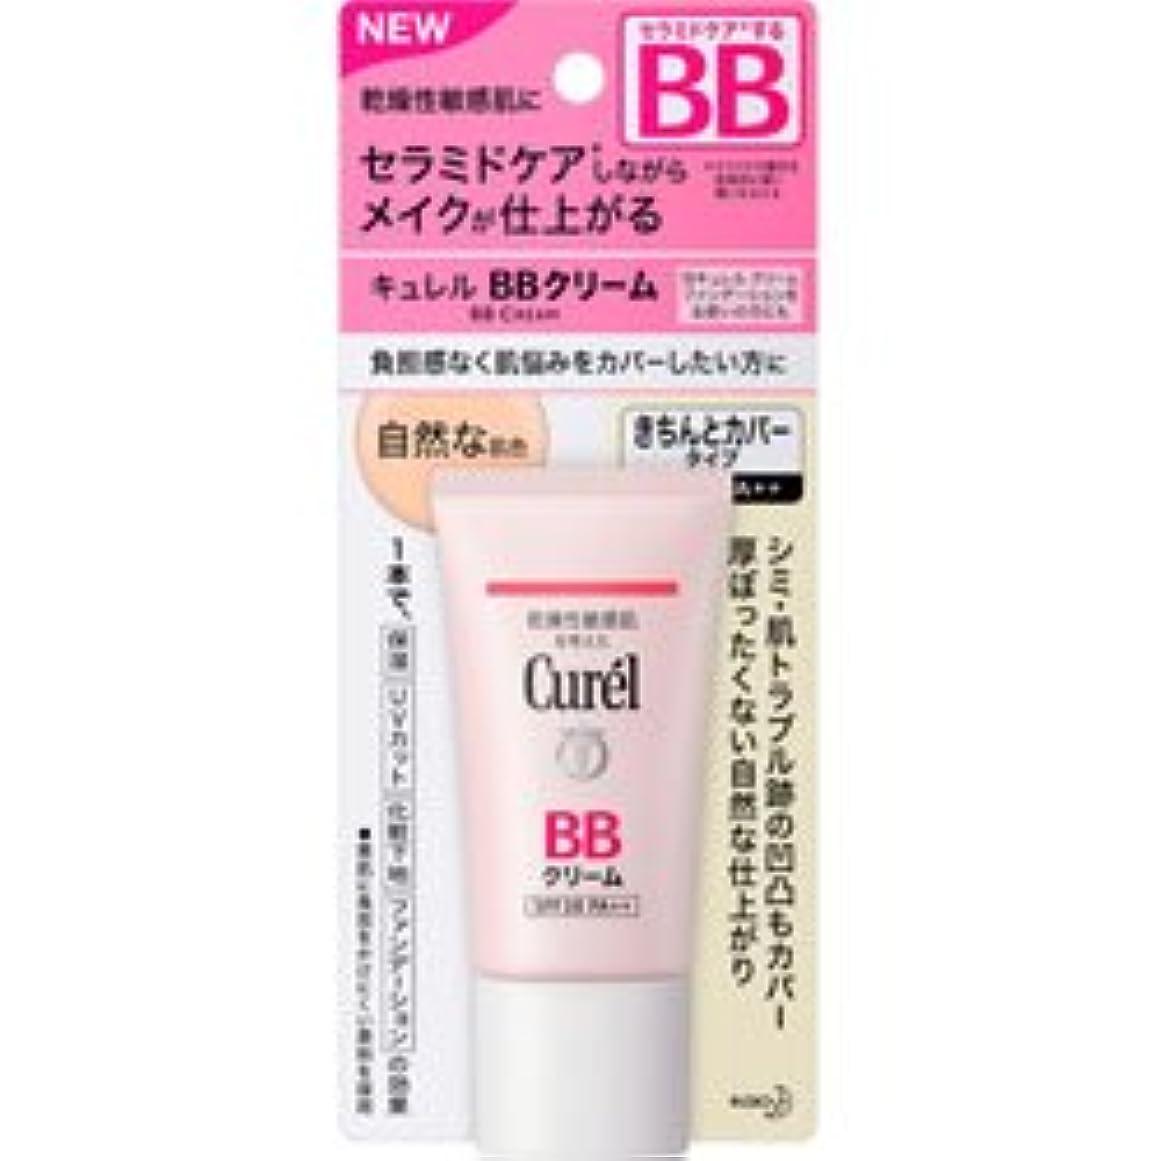 栄光前兆ストレス【花王】キュレル BBクリーム 自然な肌色 35g ×10個セット